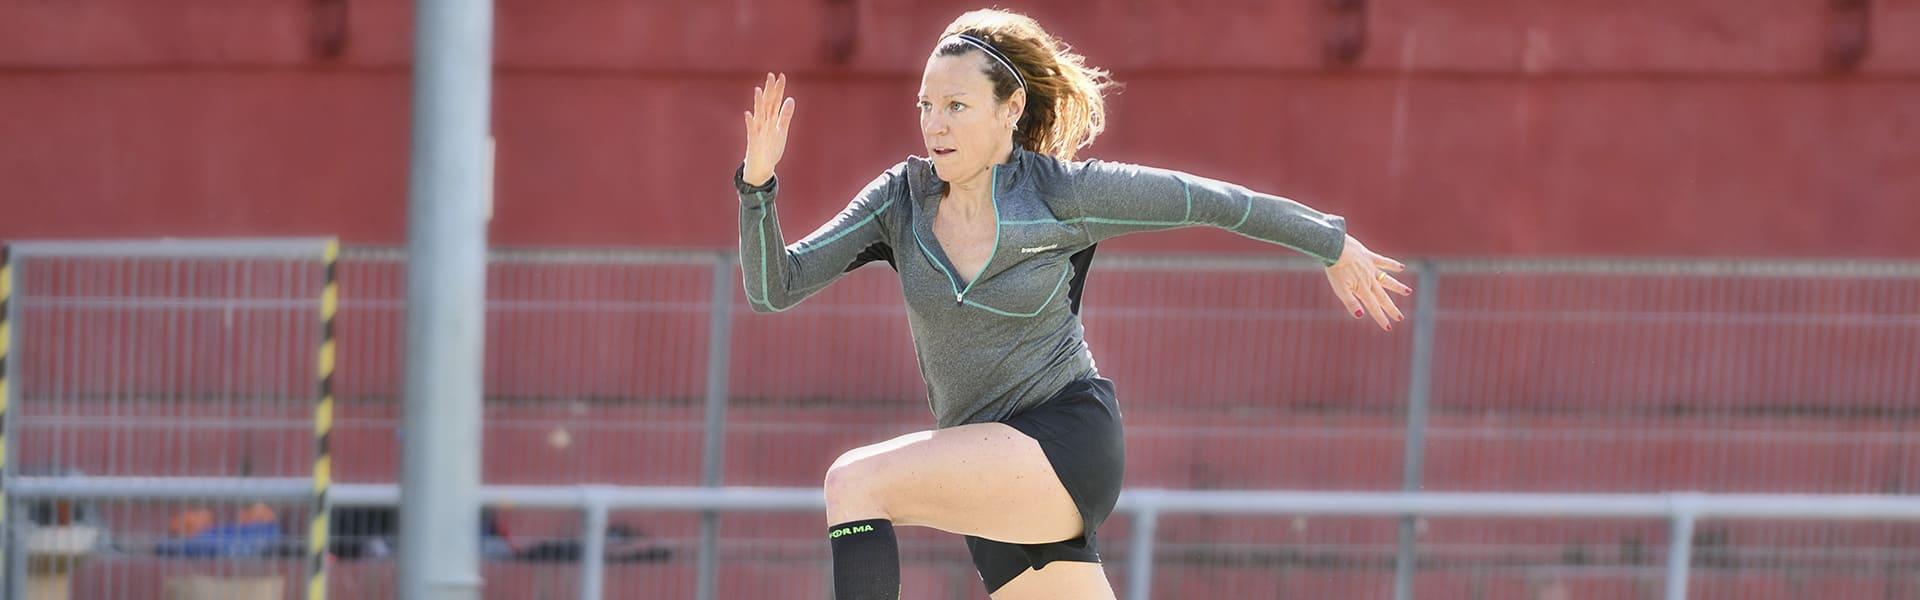 Enforma Warrior Eva Grinta